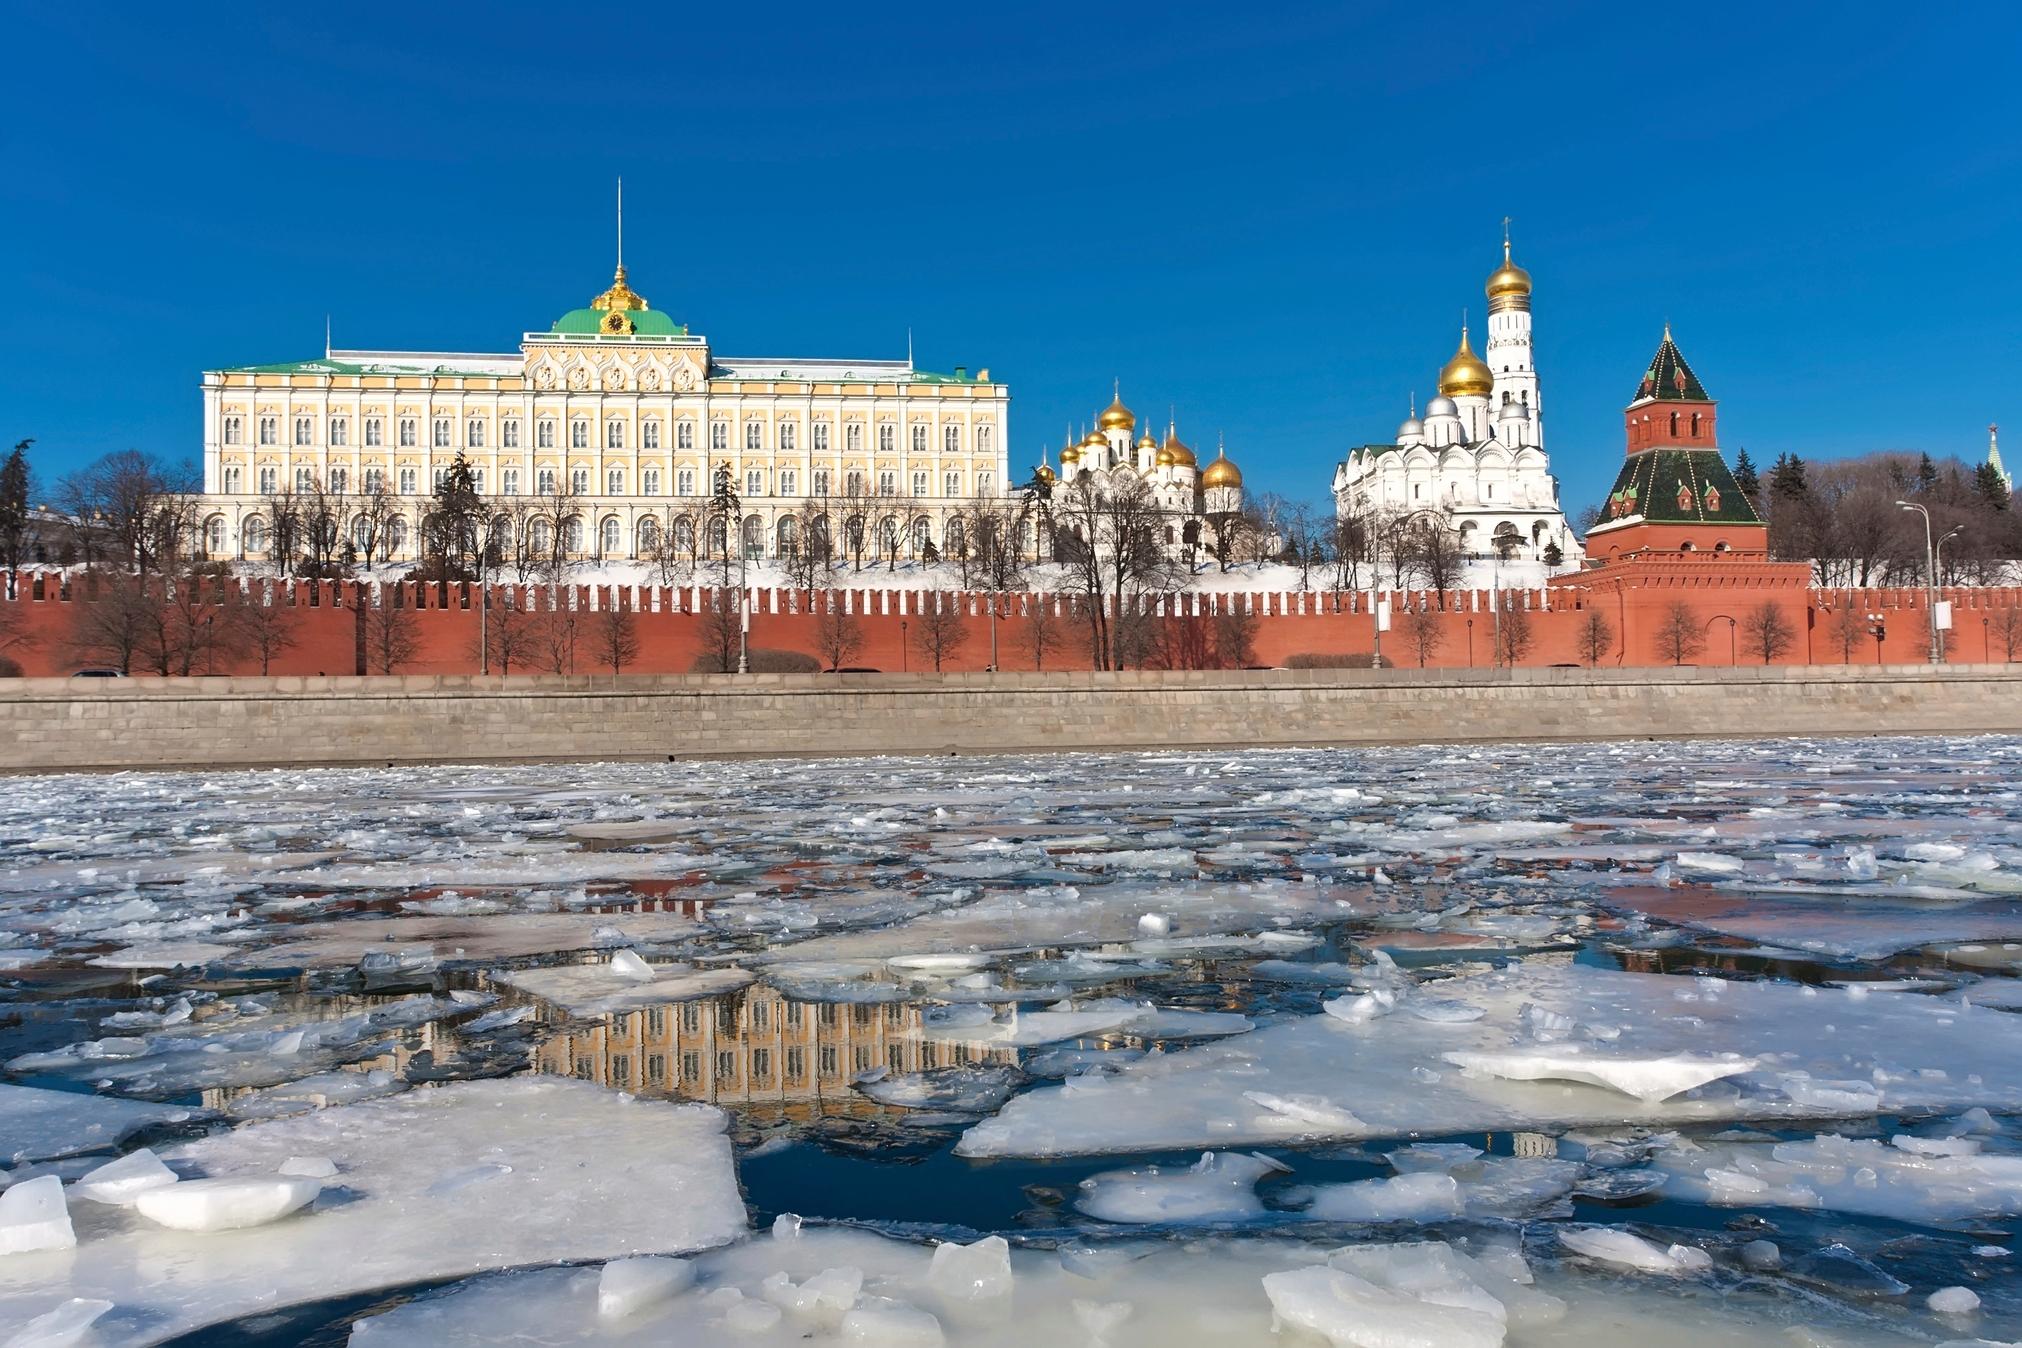 Mosca, cosa vedere in inverno